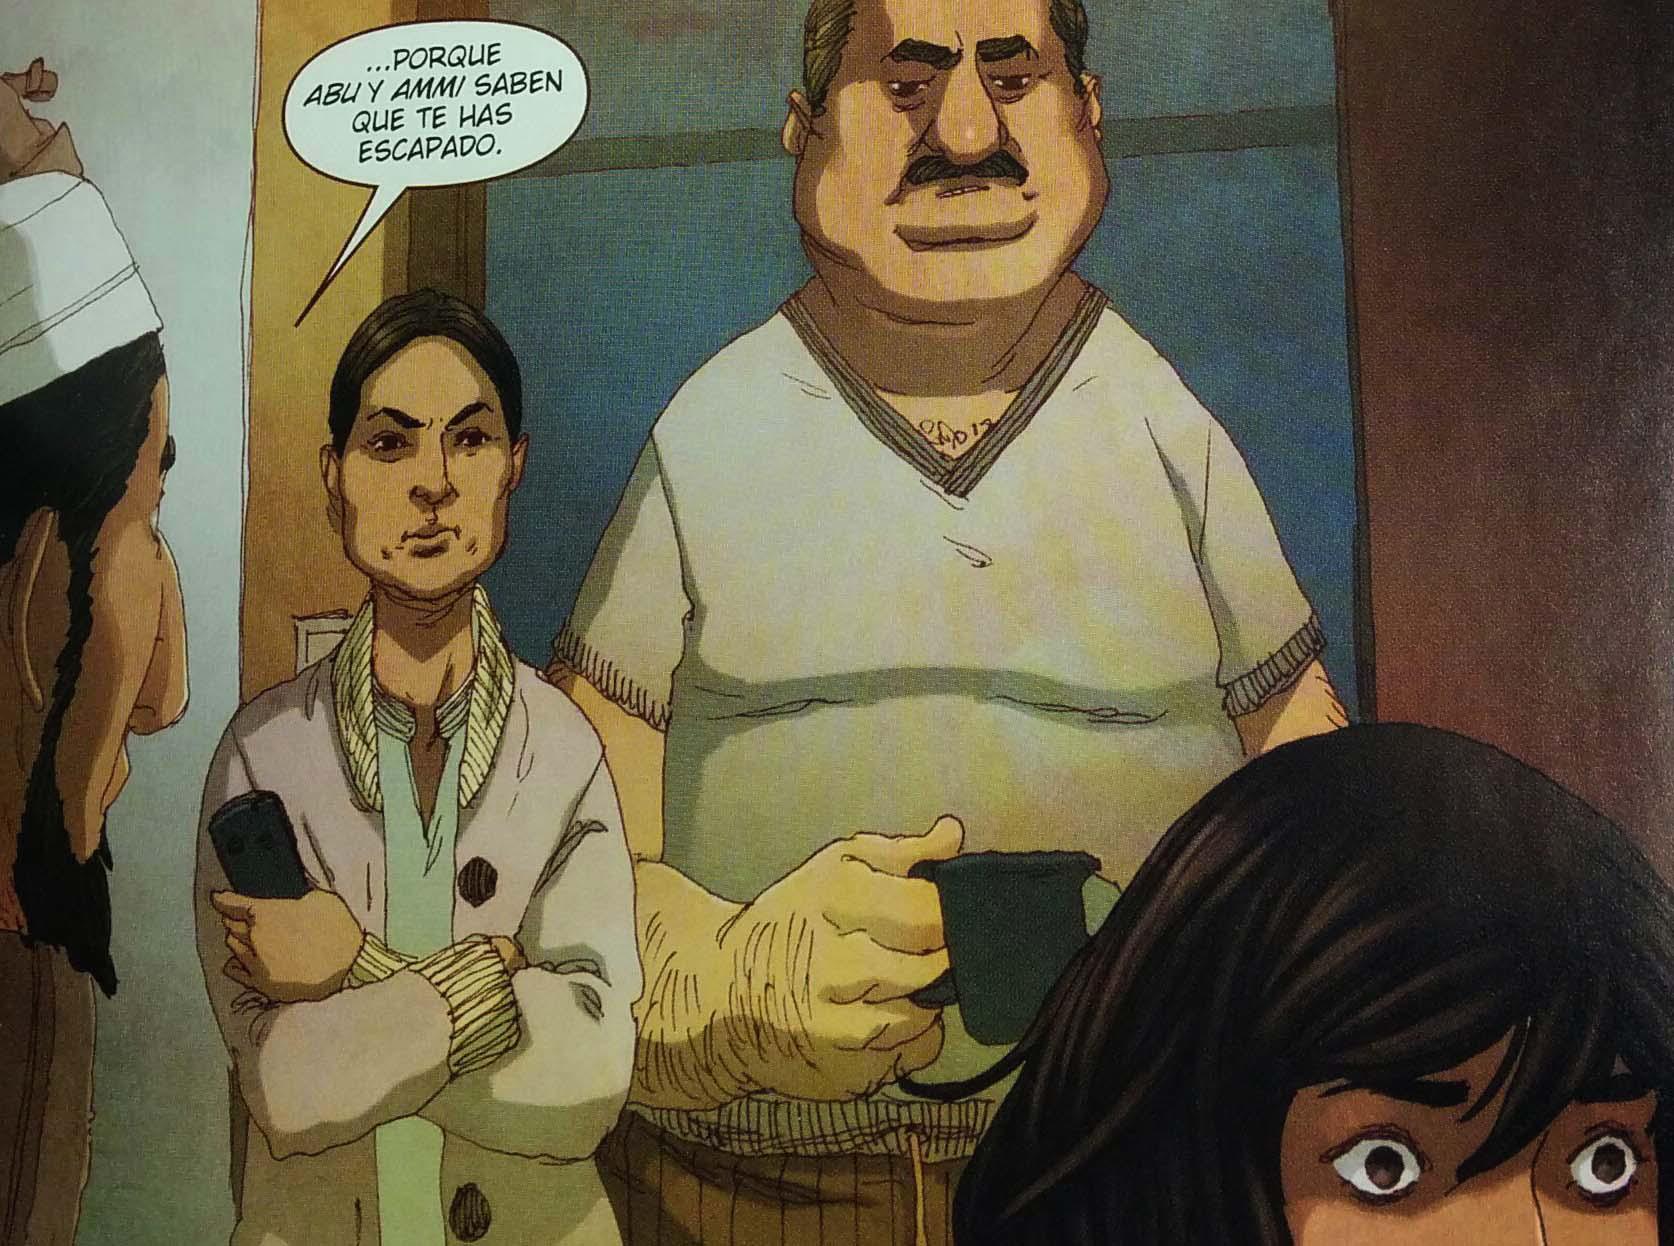 Los antagonistas por antonomasia de cualquier adolescente: sus padres